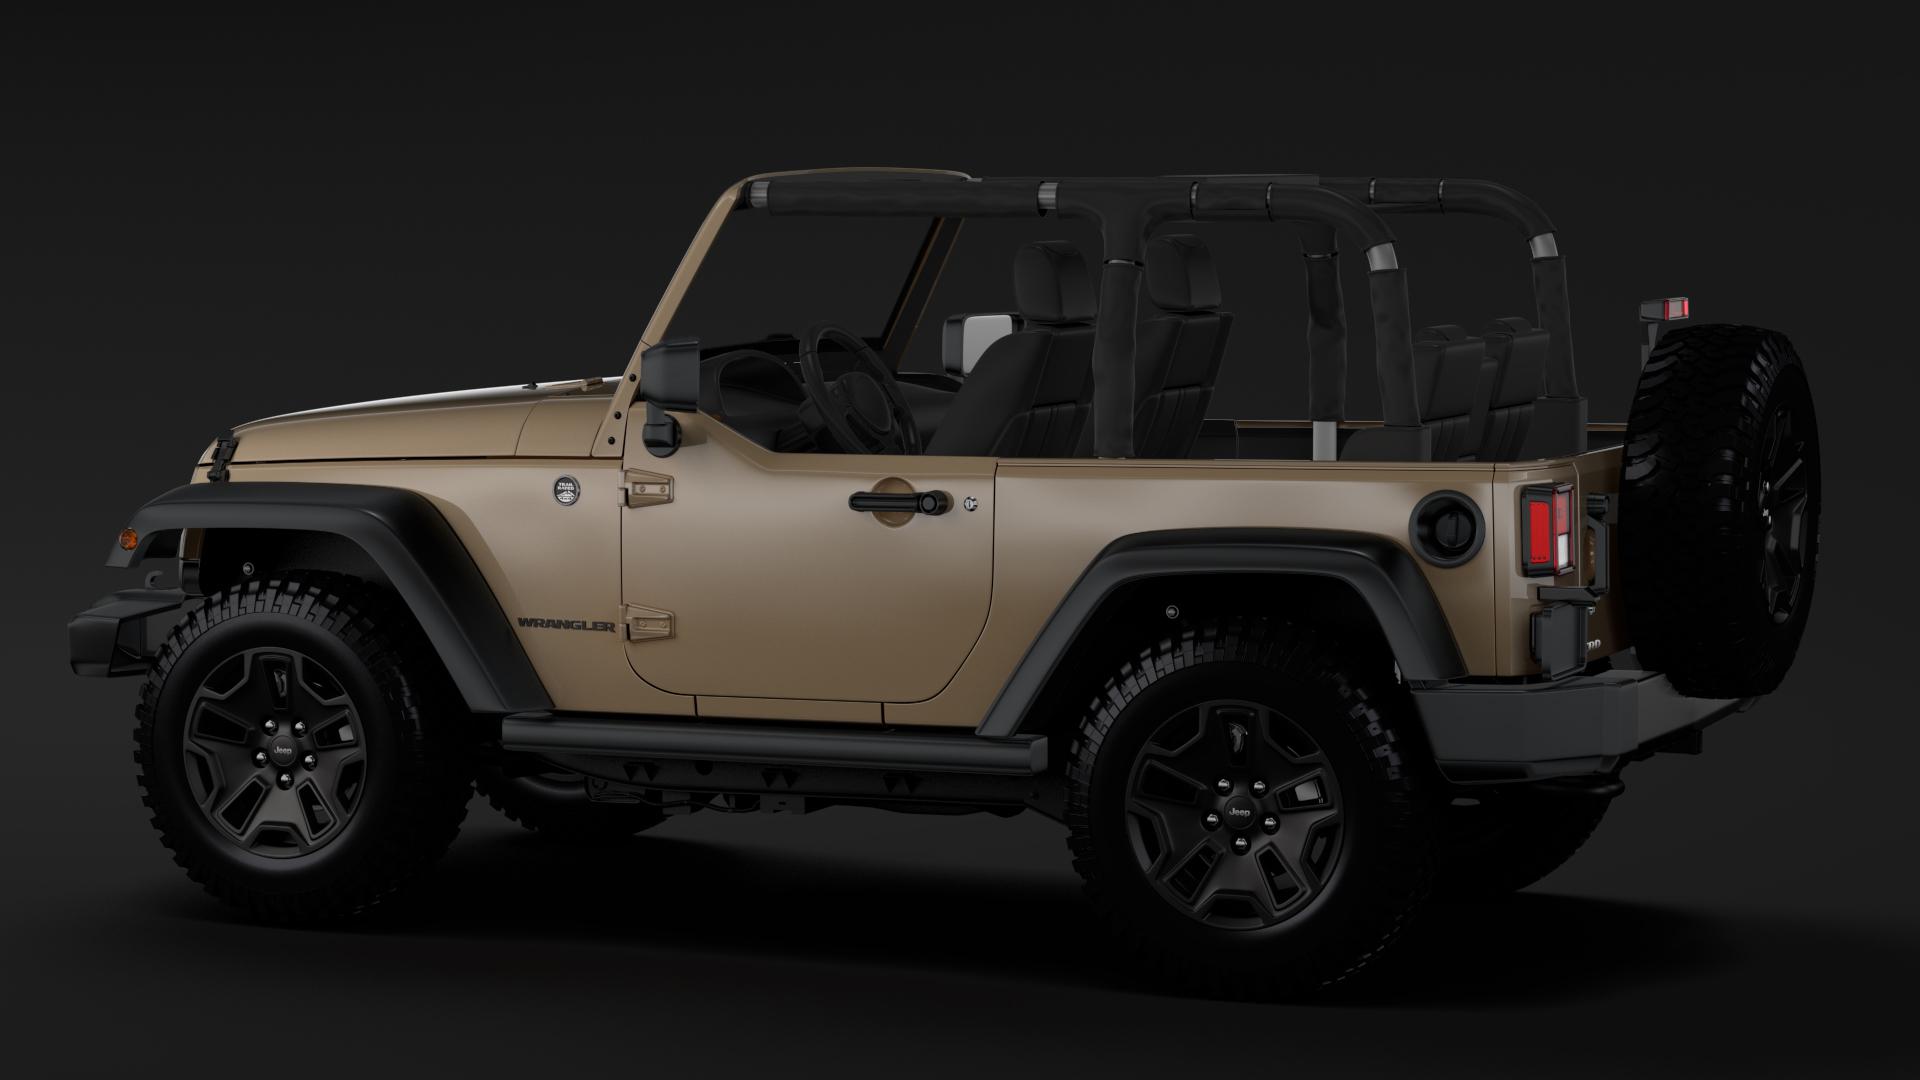 jeep wrangler willys wheeler jk 2017 3d model flatpyramid. Black Bedroom Furniture Sets. Home Design Ideas